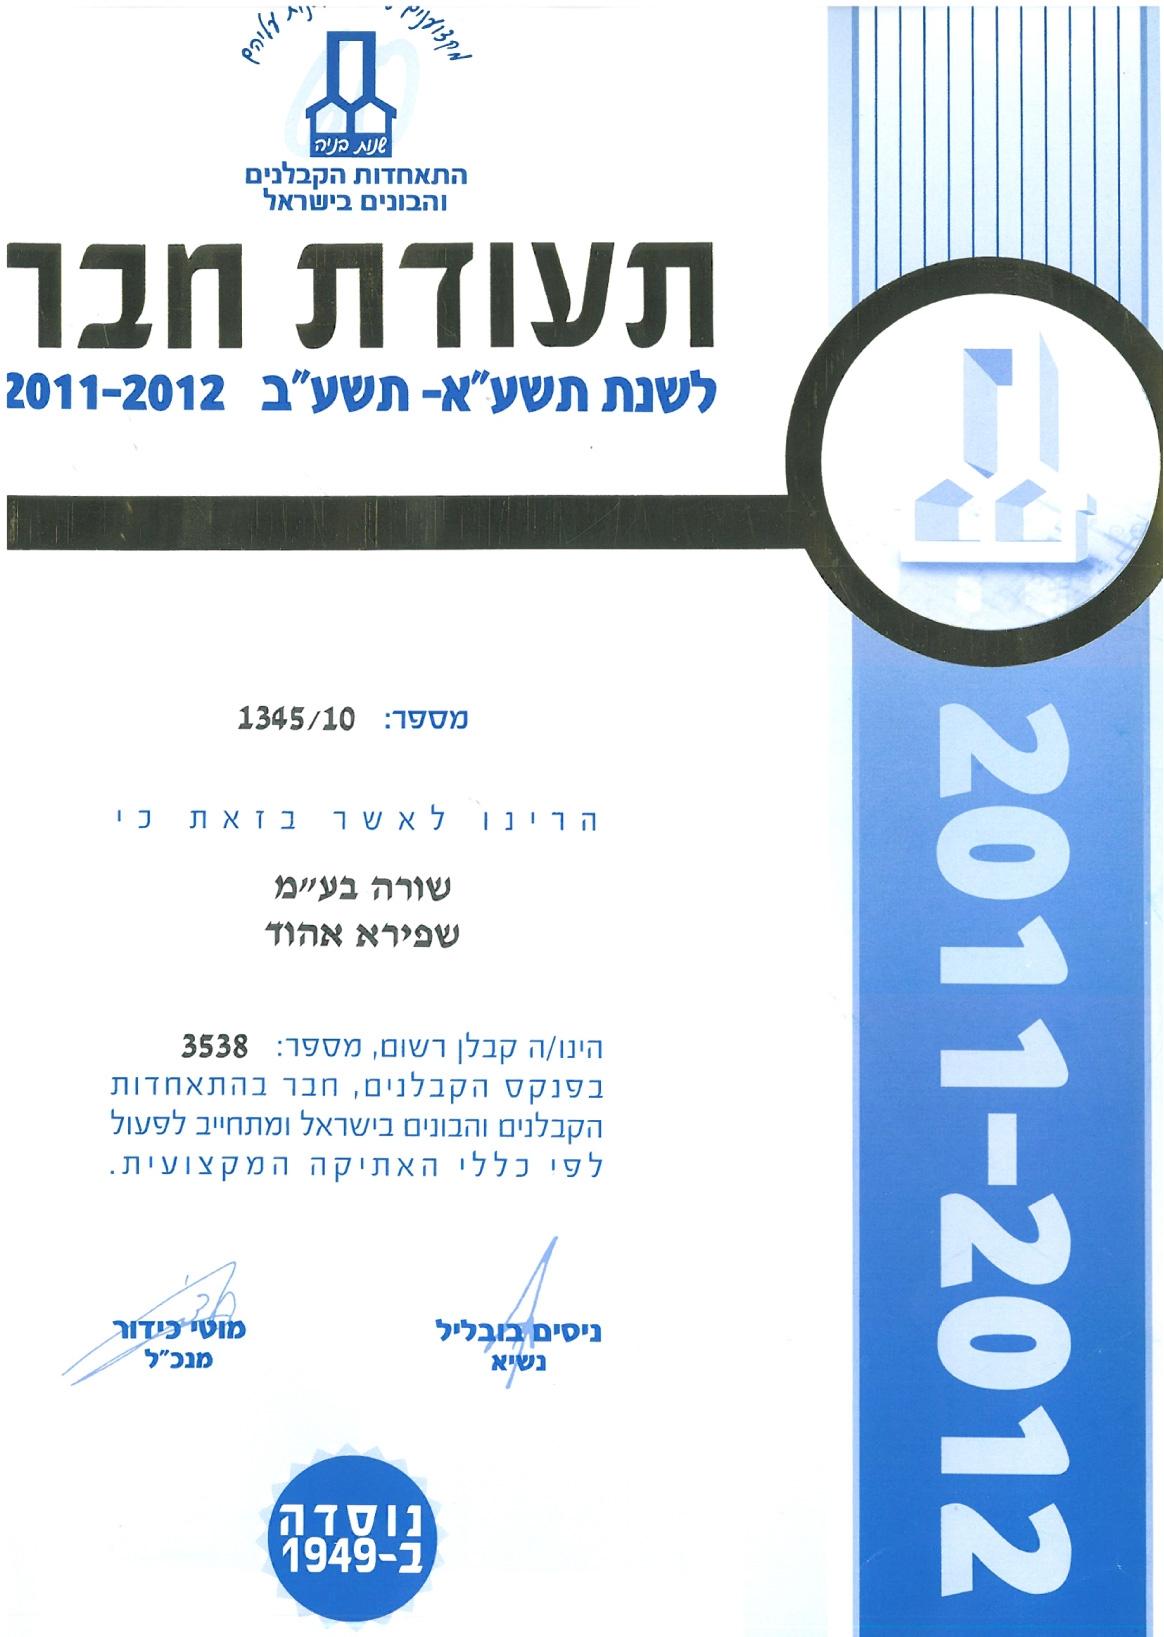 תעודת חבר 2011-2012